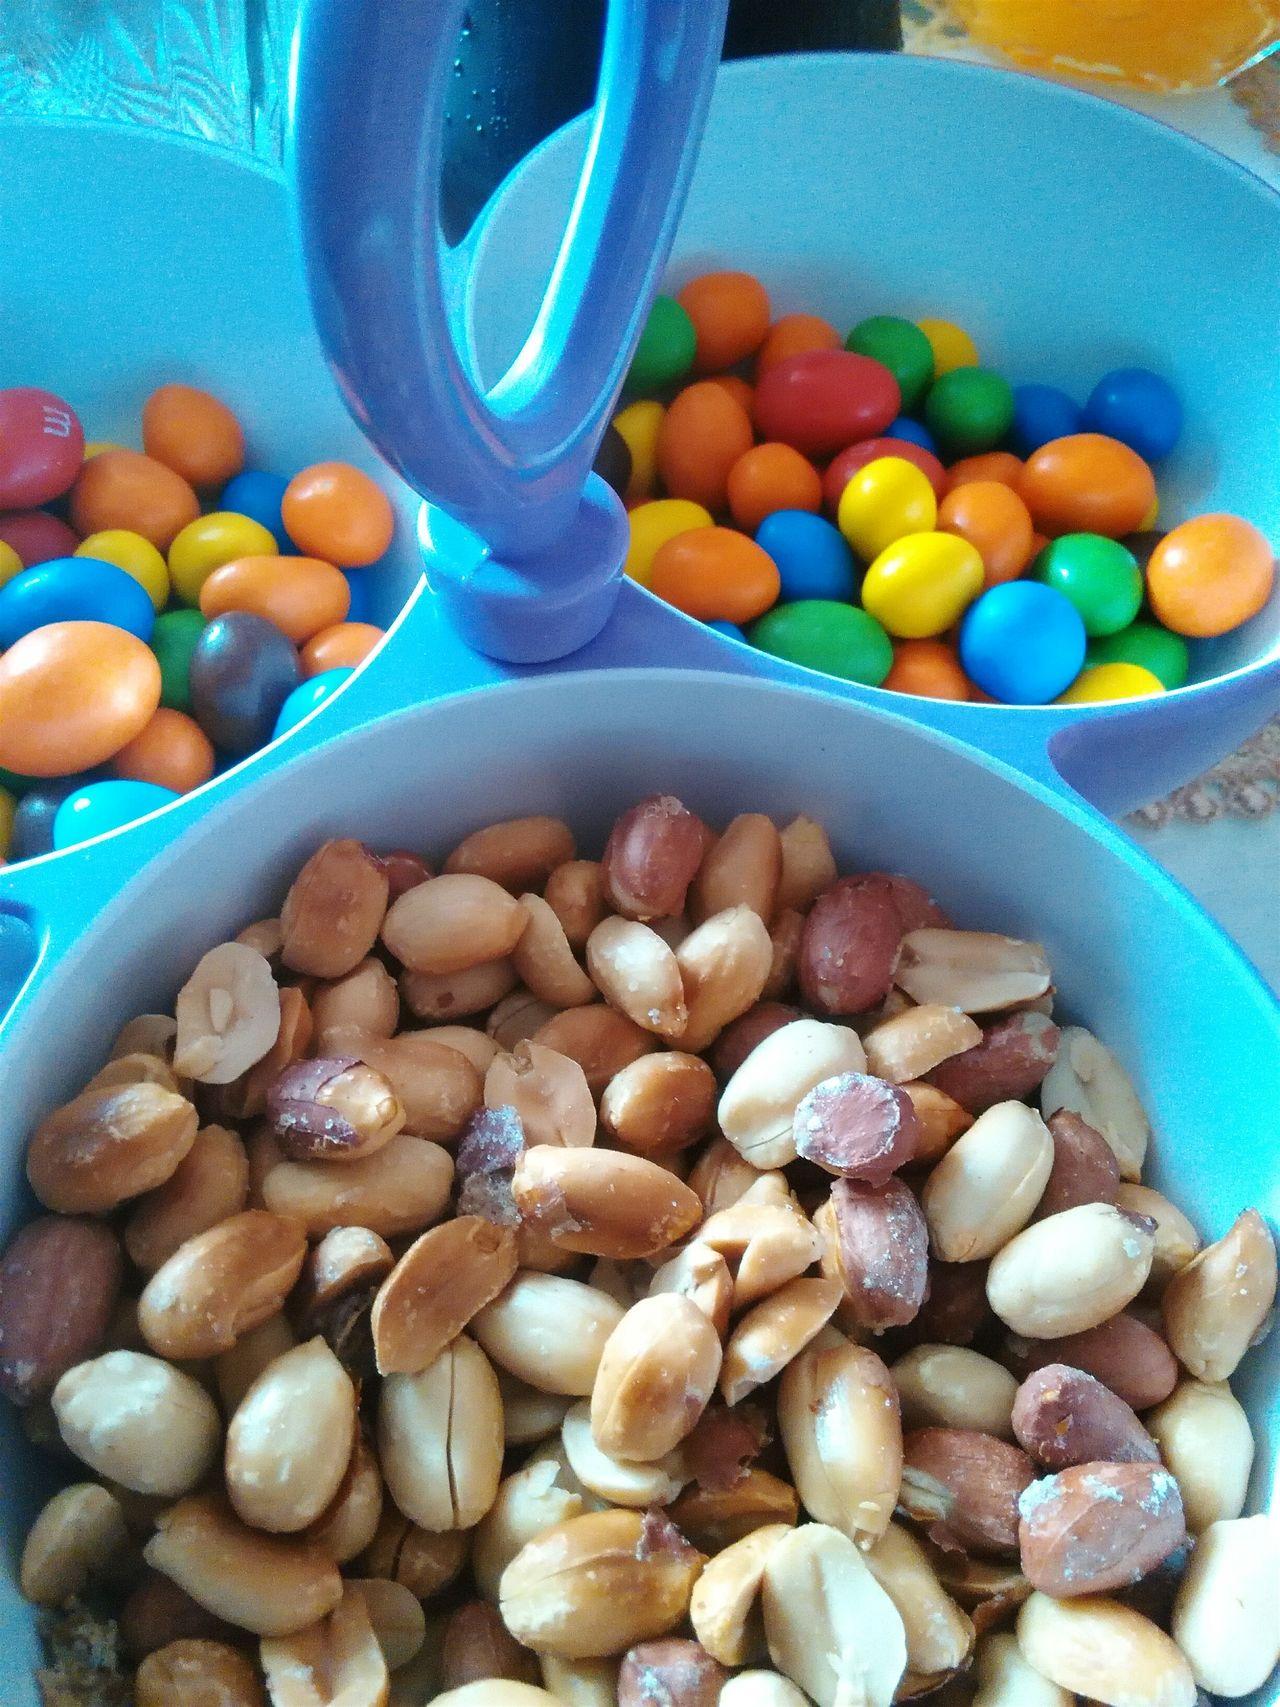 Sucré salé de cacahuètes Cacahuete Peanuts Chocolate